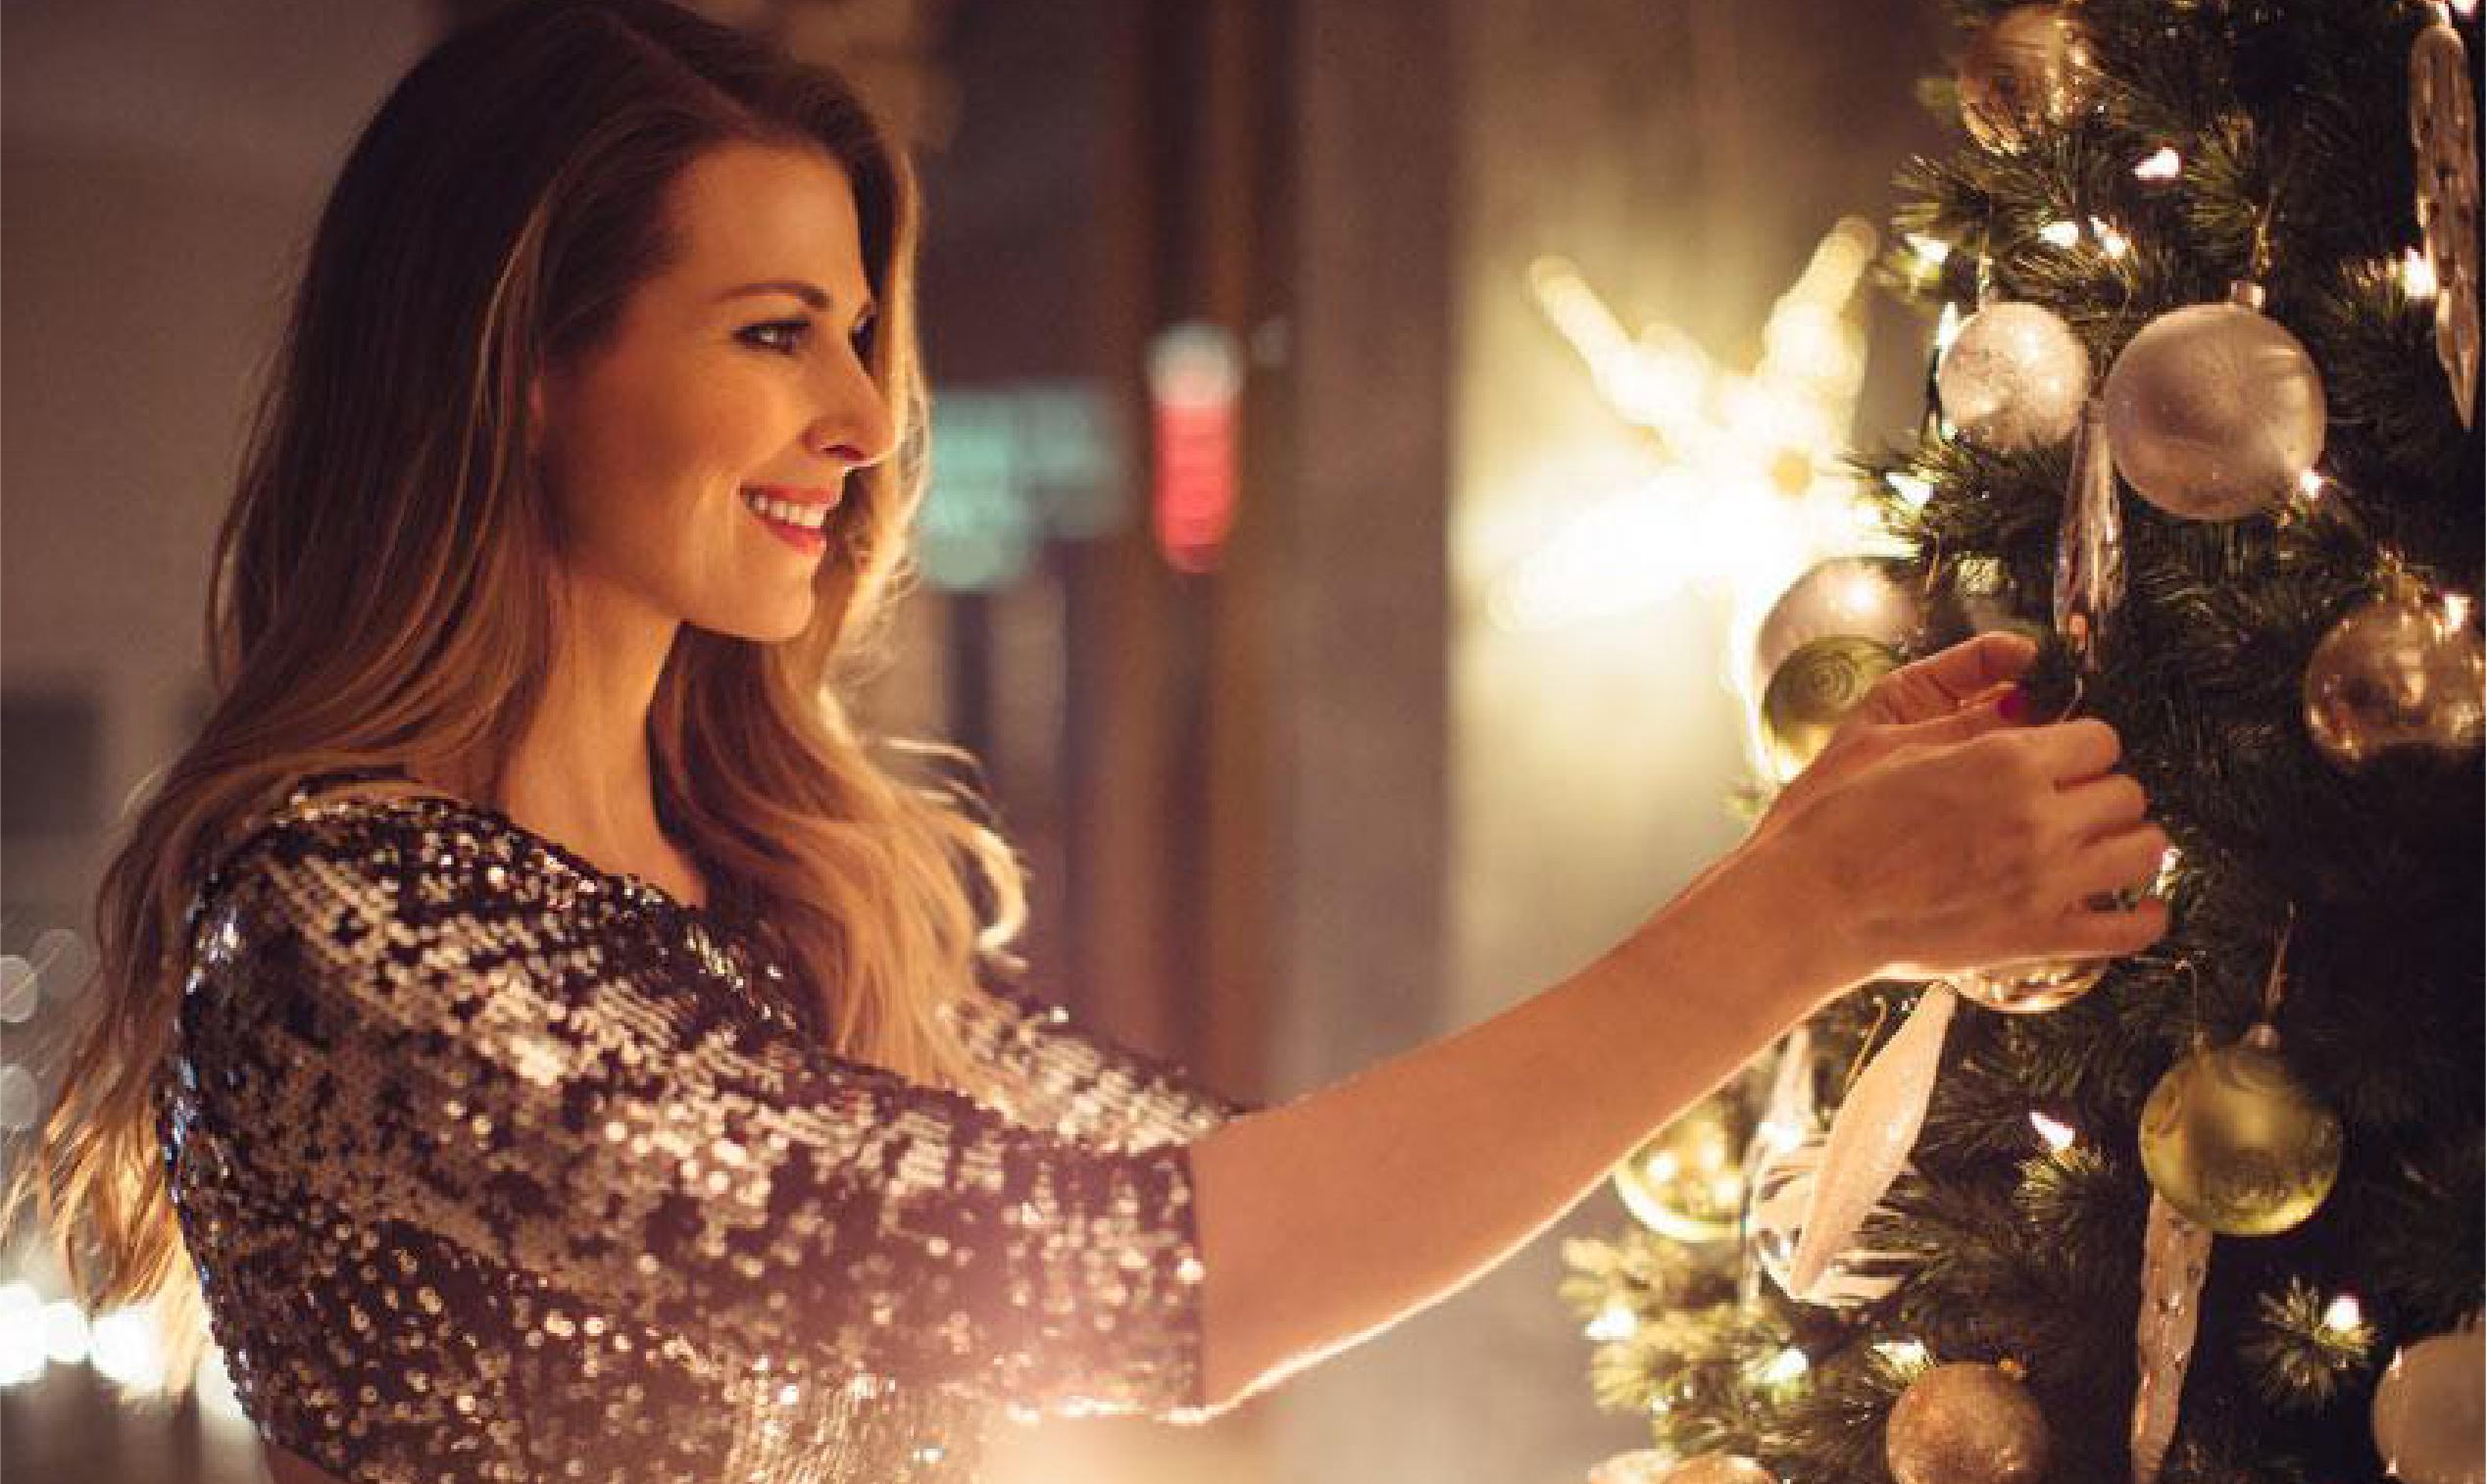 Brilla estas navidades - Mila Peris